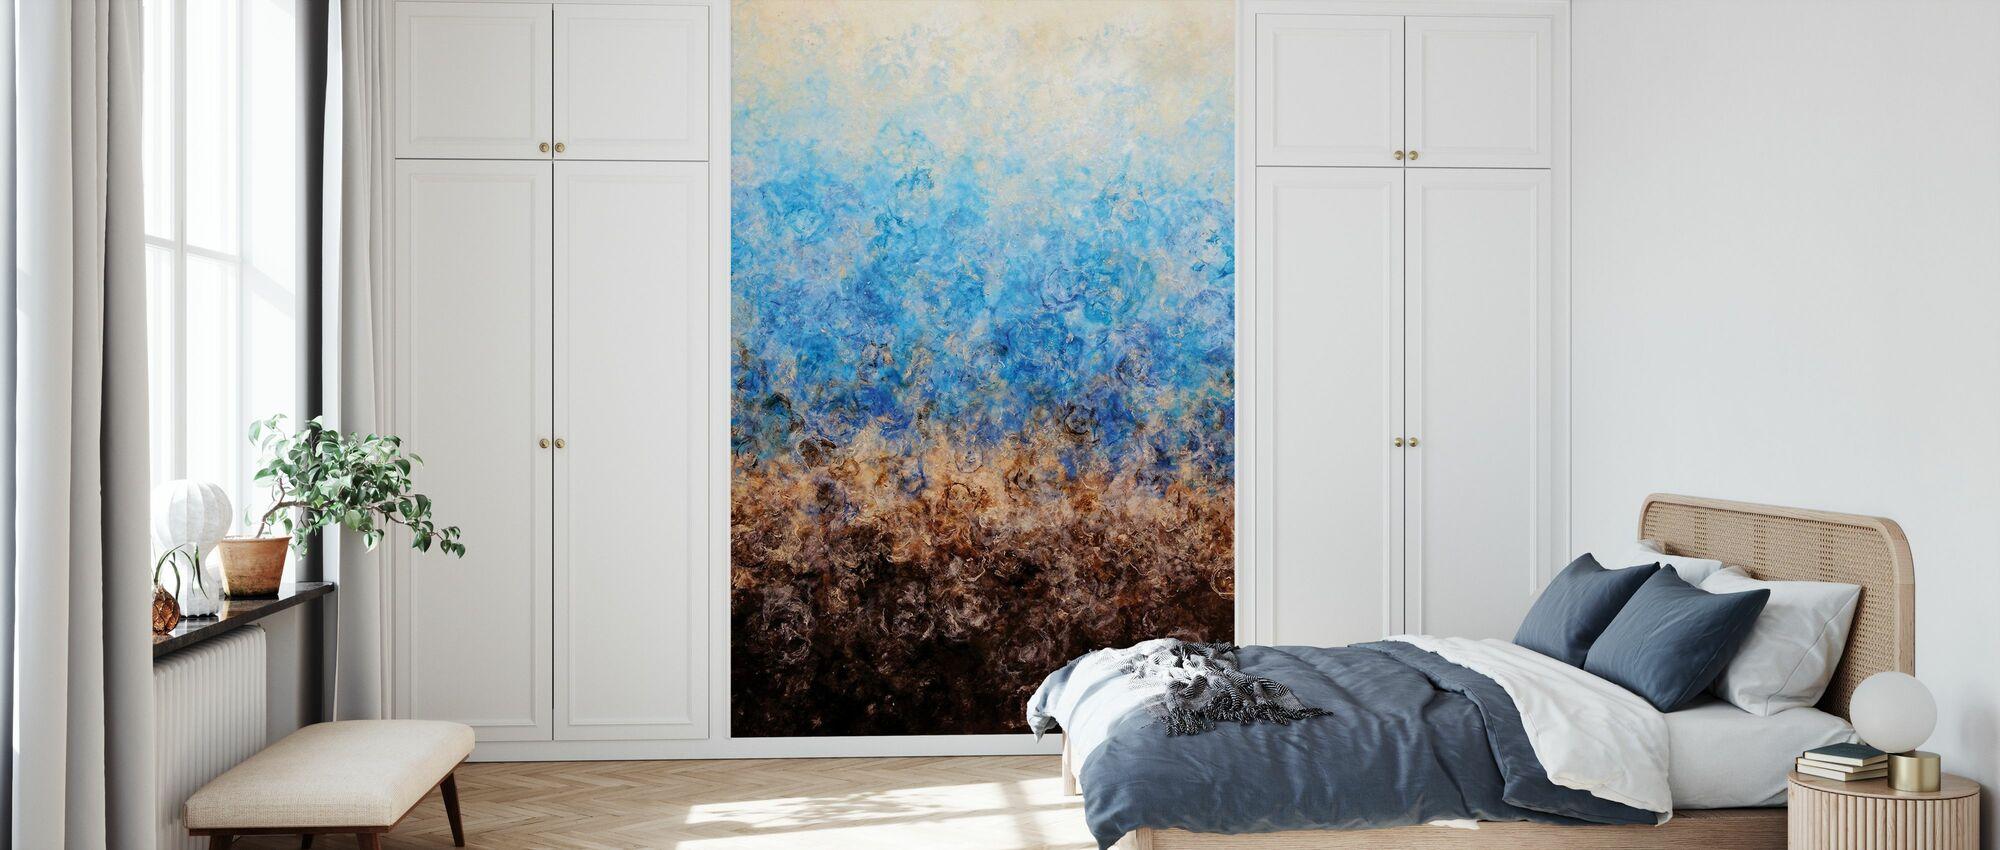 Evermore - Wallpaper - Bedroom